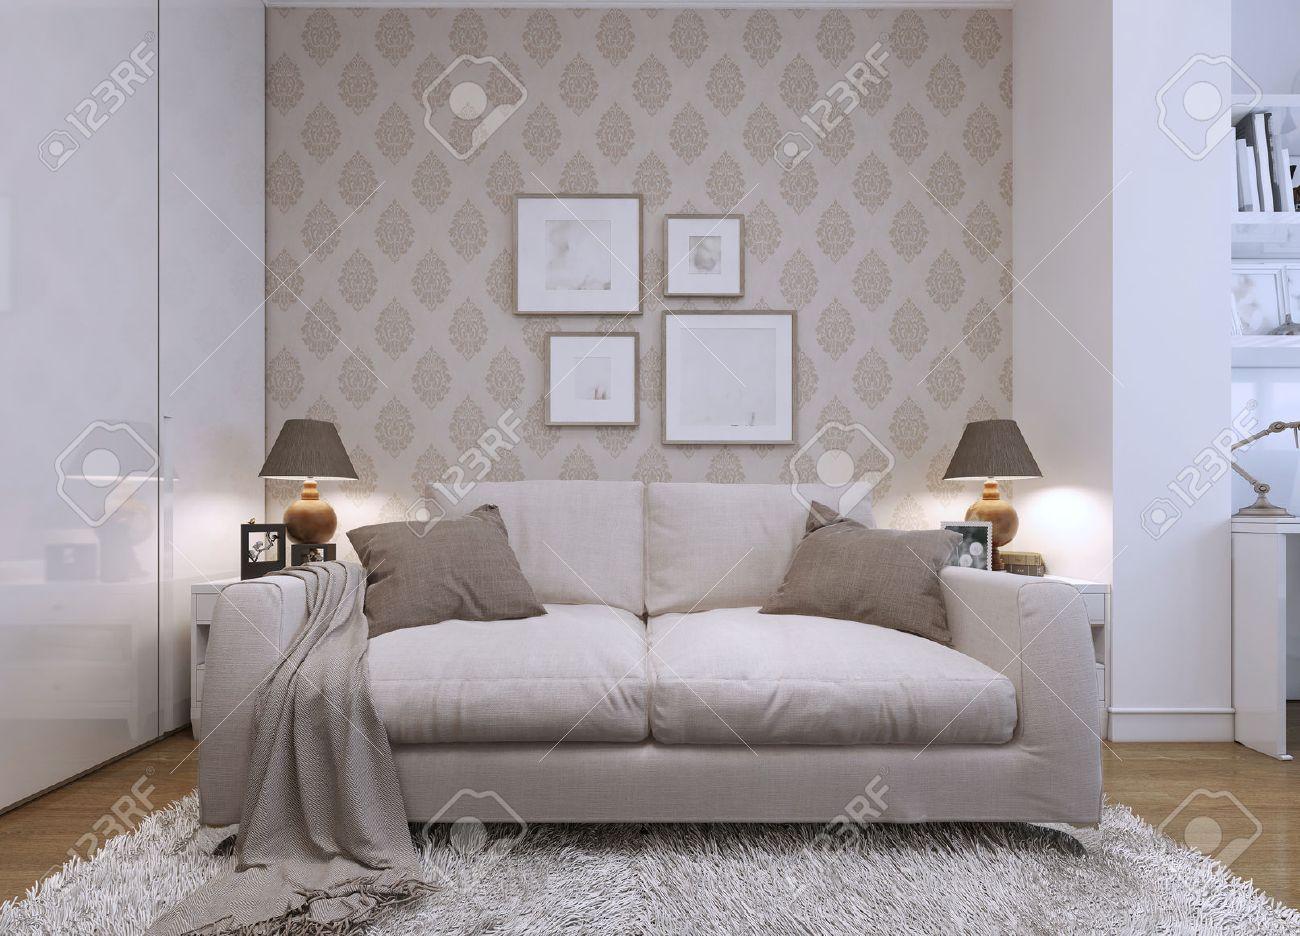 tapete wohnzimmer beige aufdringend tapete wohnzimmer beige fr ... - Tapeten Wohnzimmer Beige